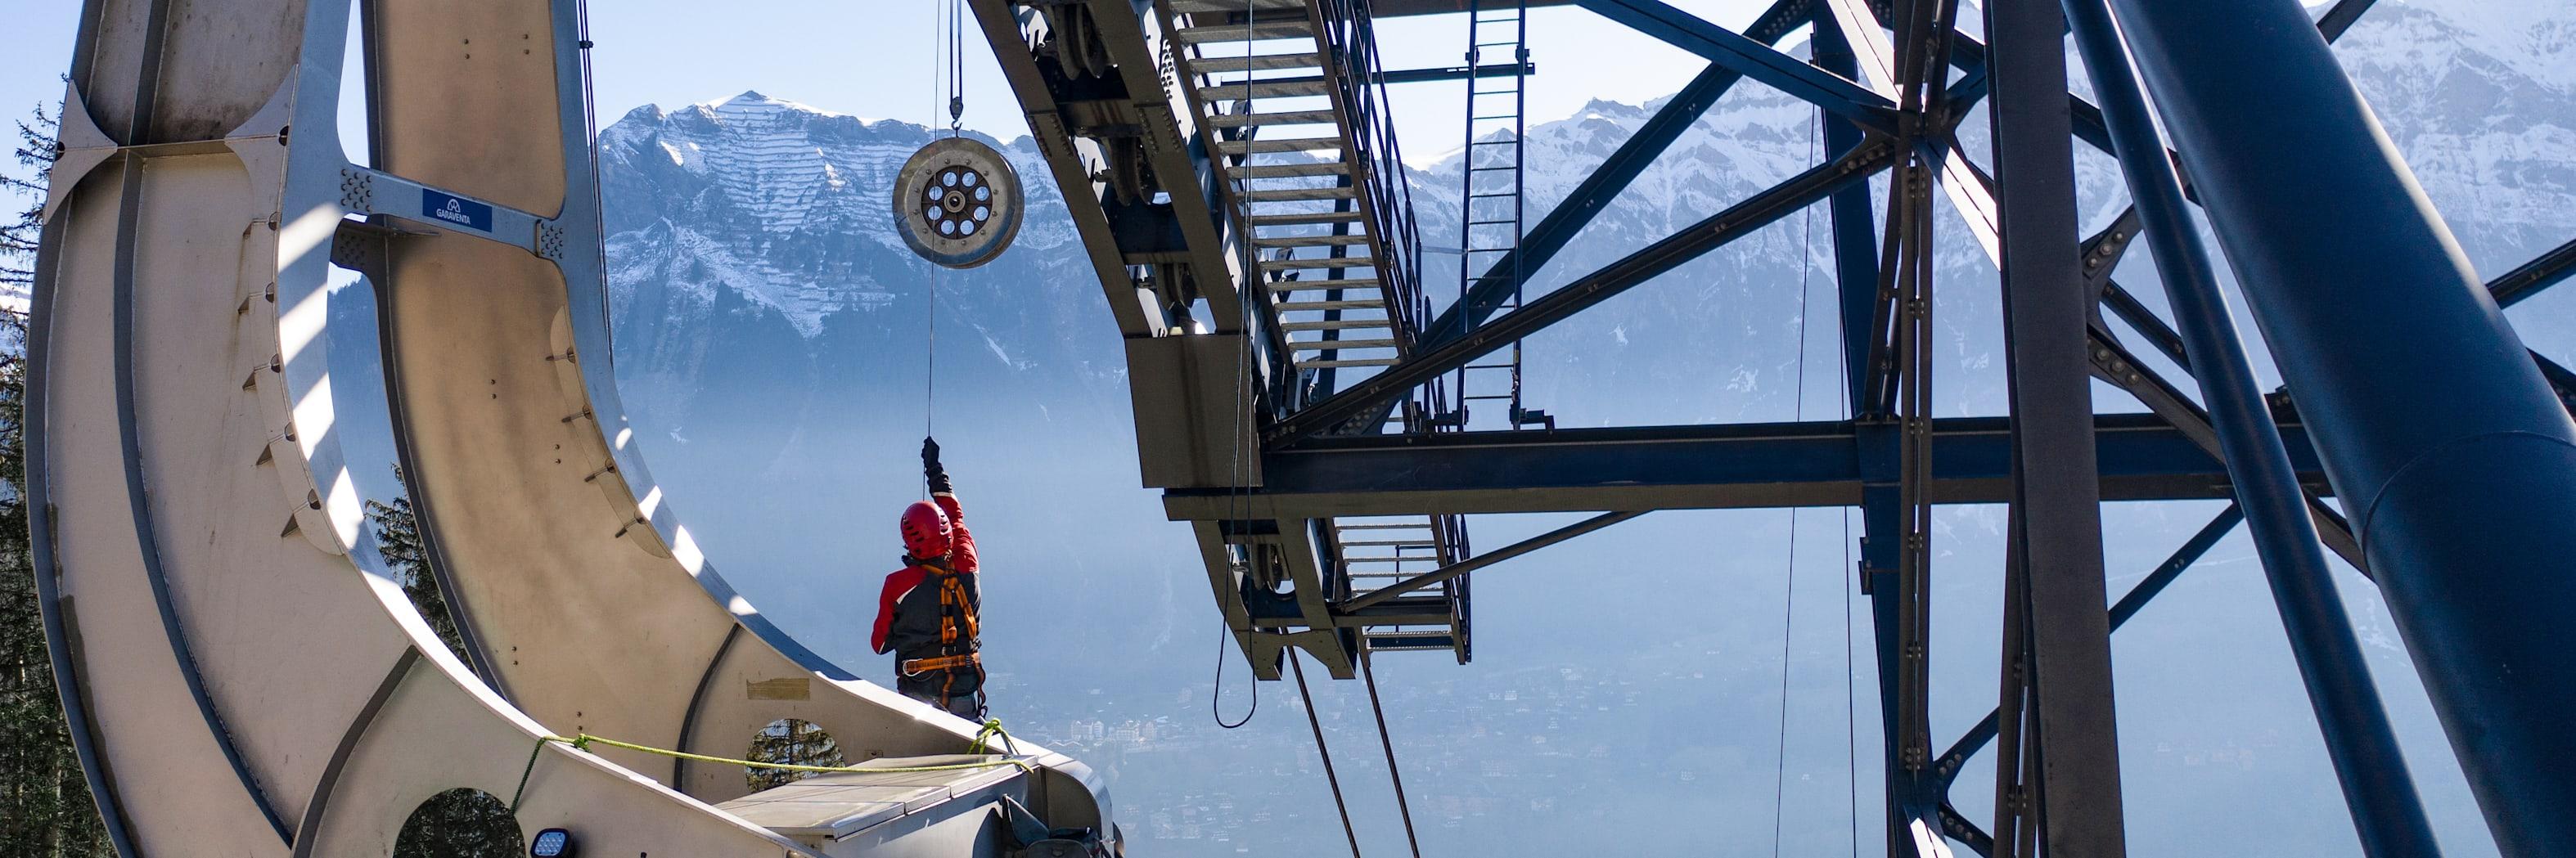 Jungfraubahn seilbahnmechatroniker 6 lzacp8